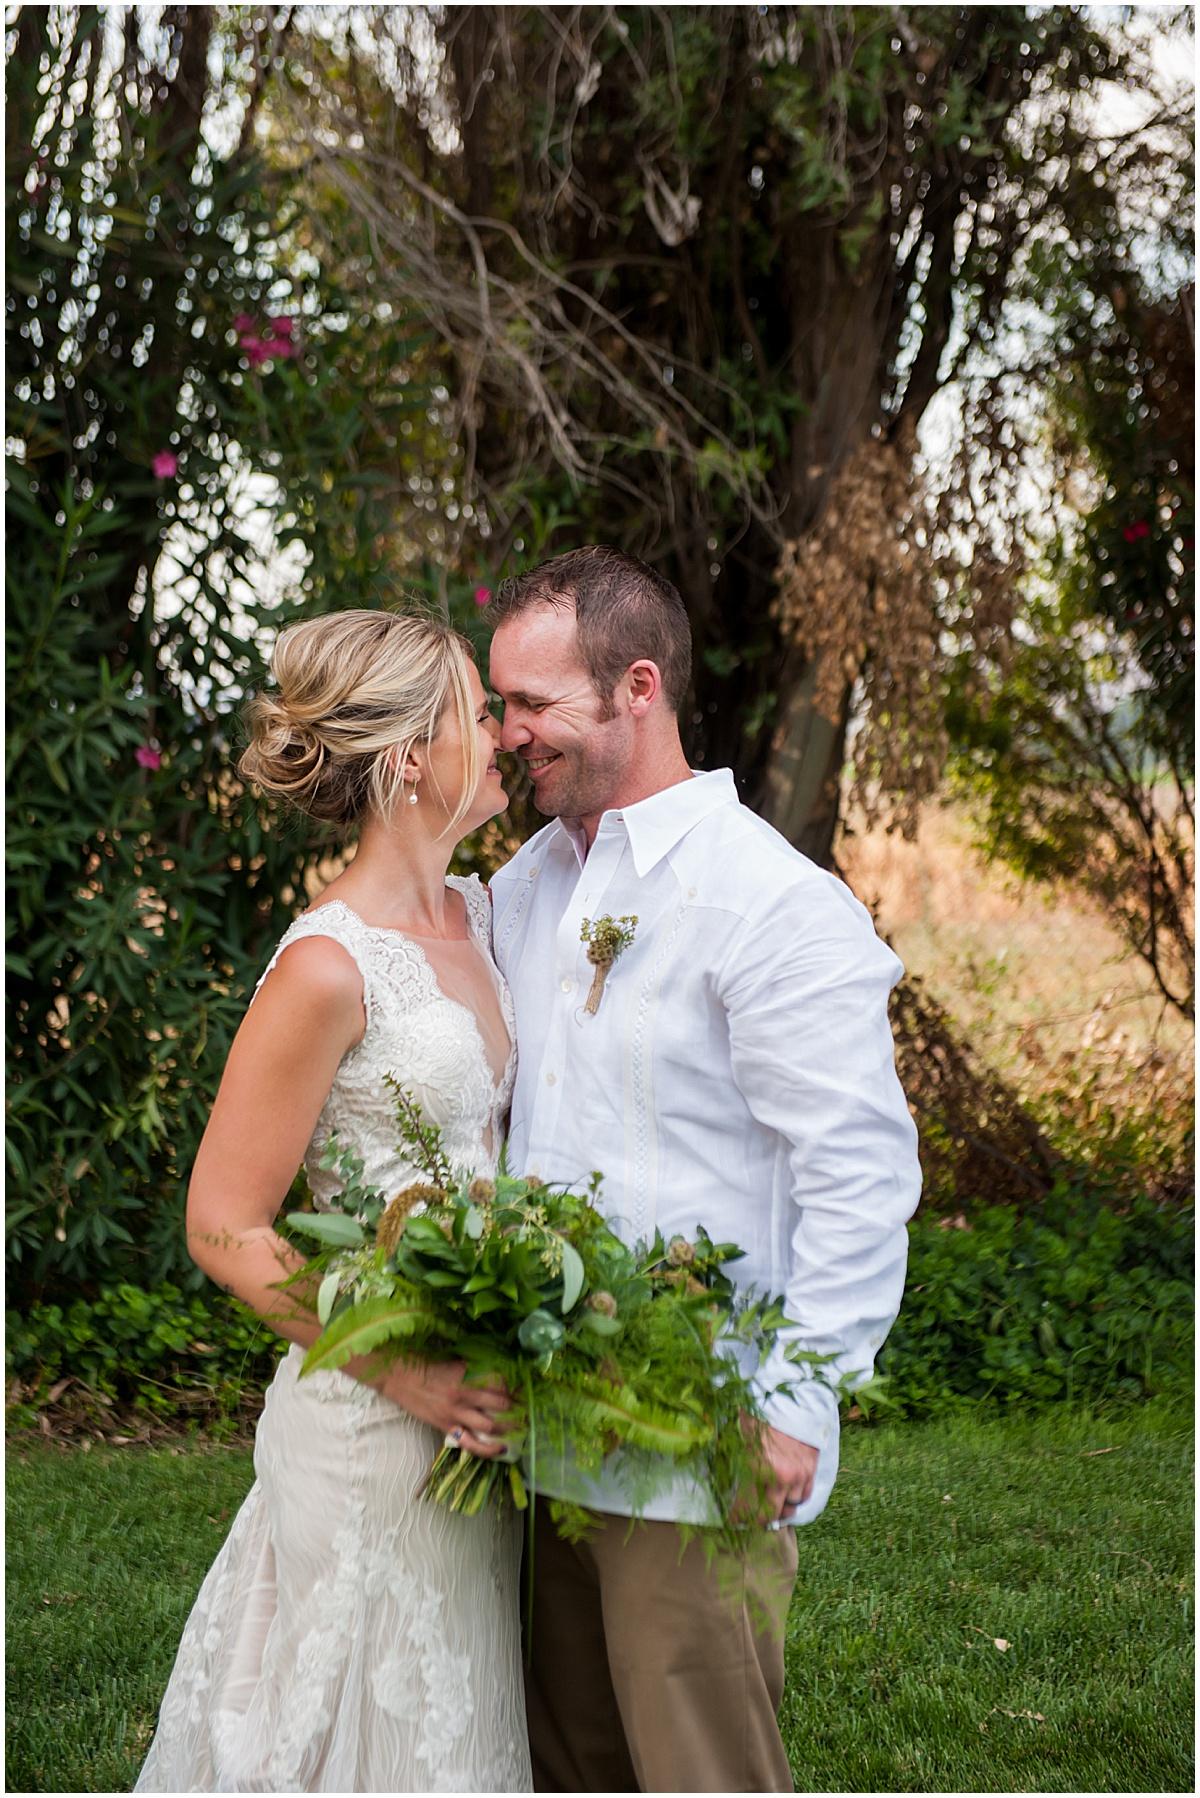 Morgan Hill Estate Botanical Wedding | Brina and Andy040